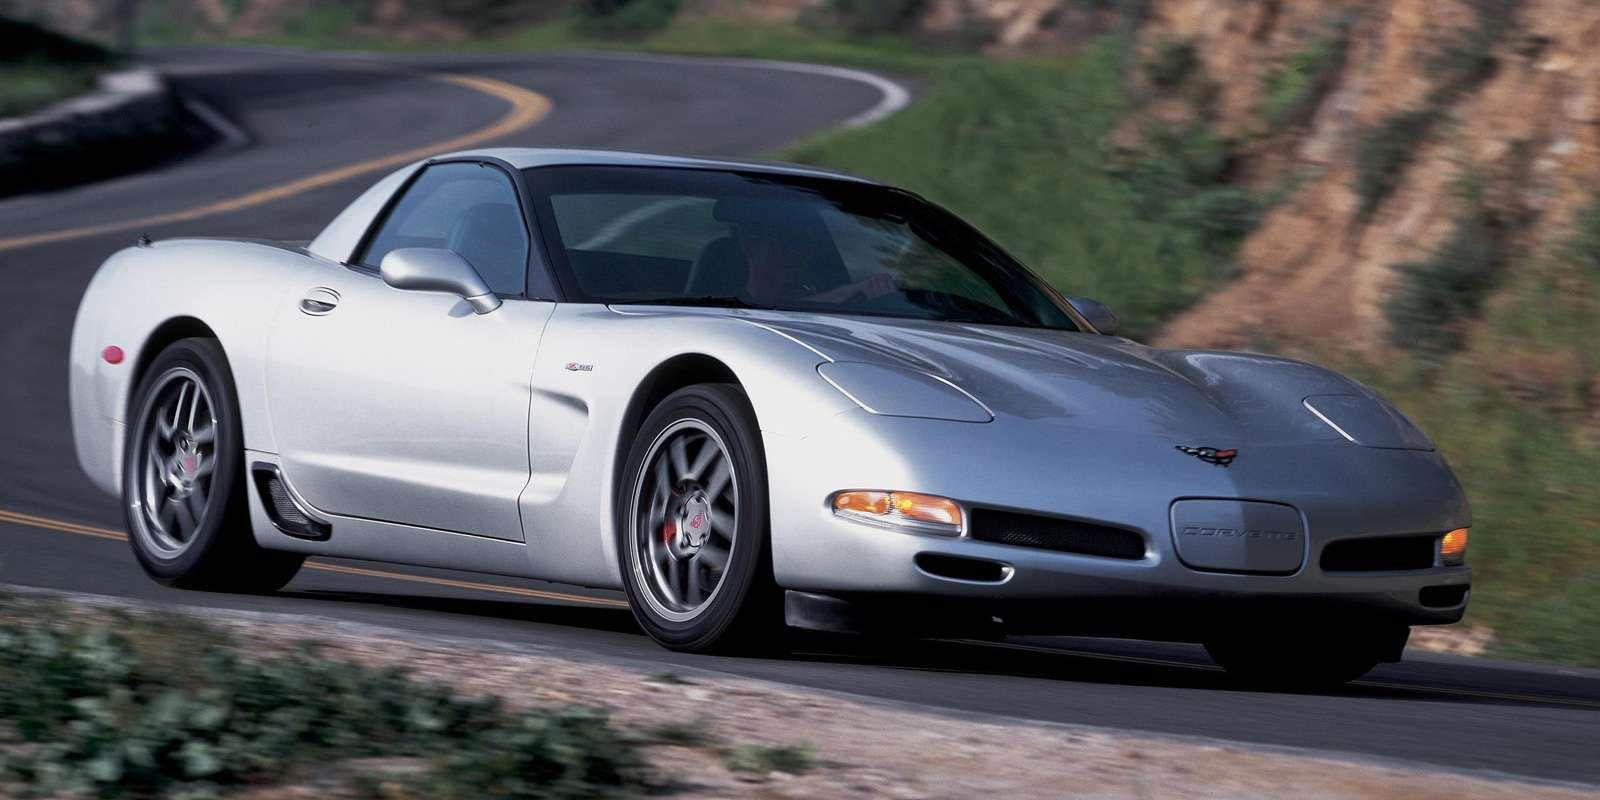 Kelebihan Corvette C5 Z06 Perbandingan Harga